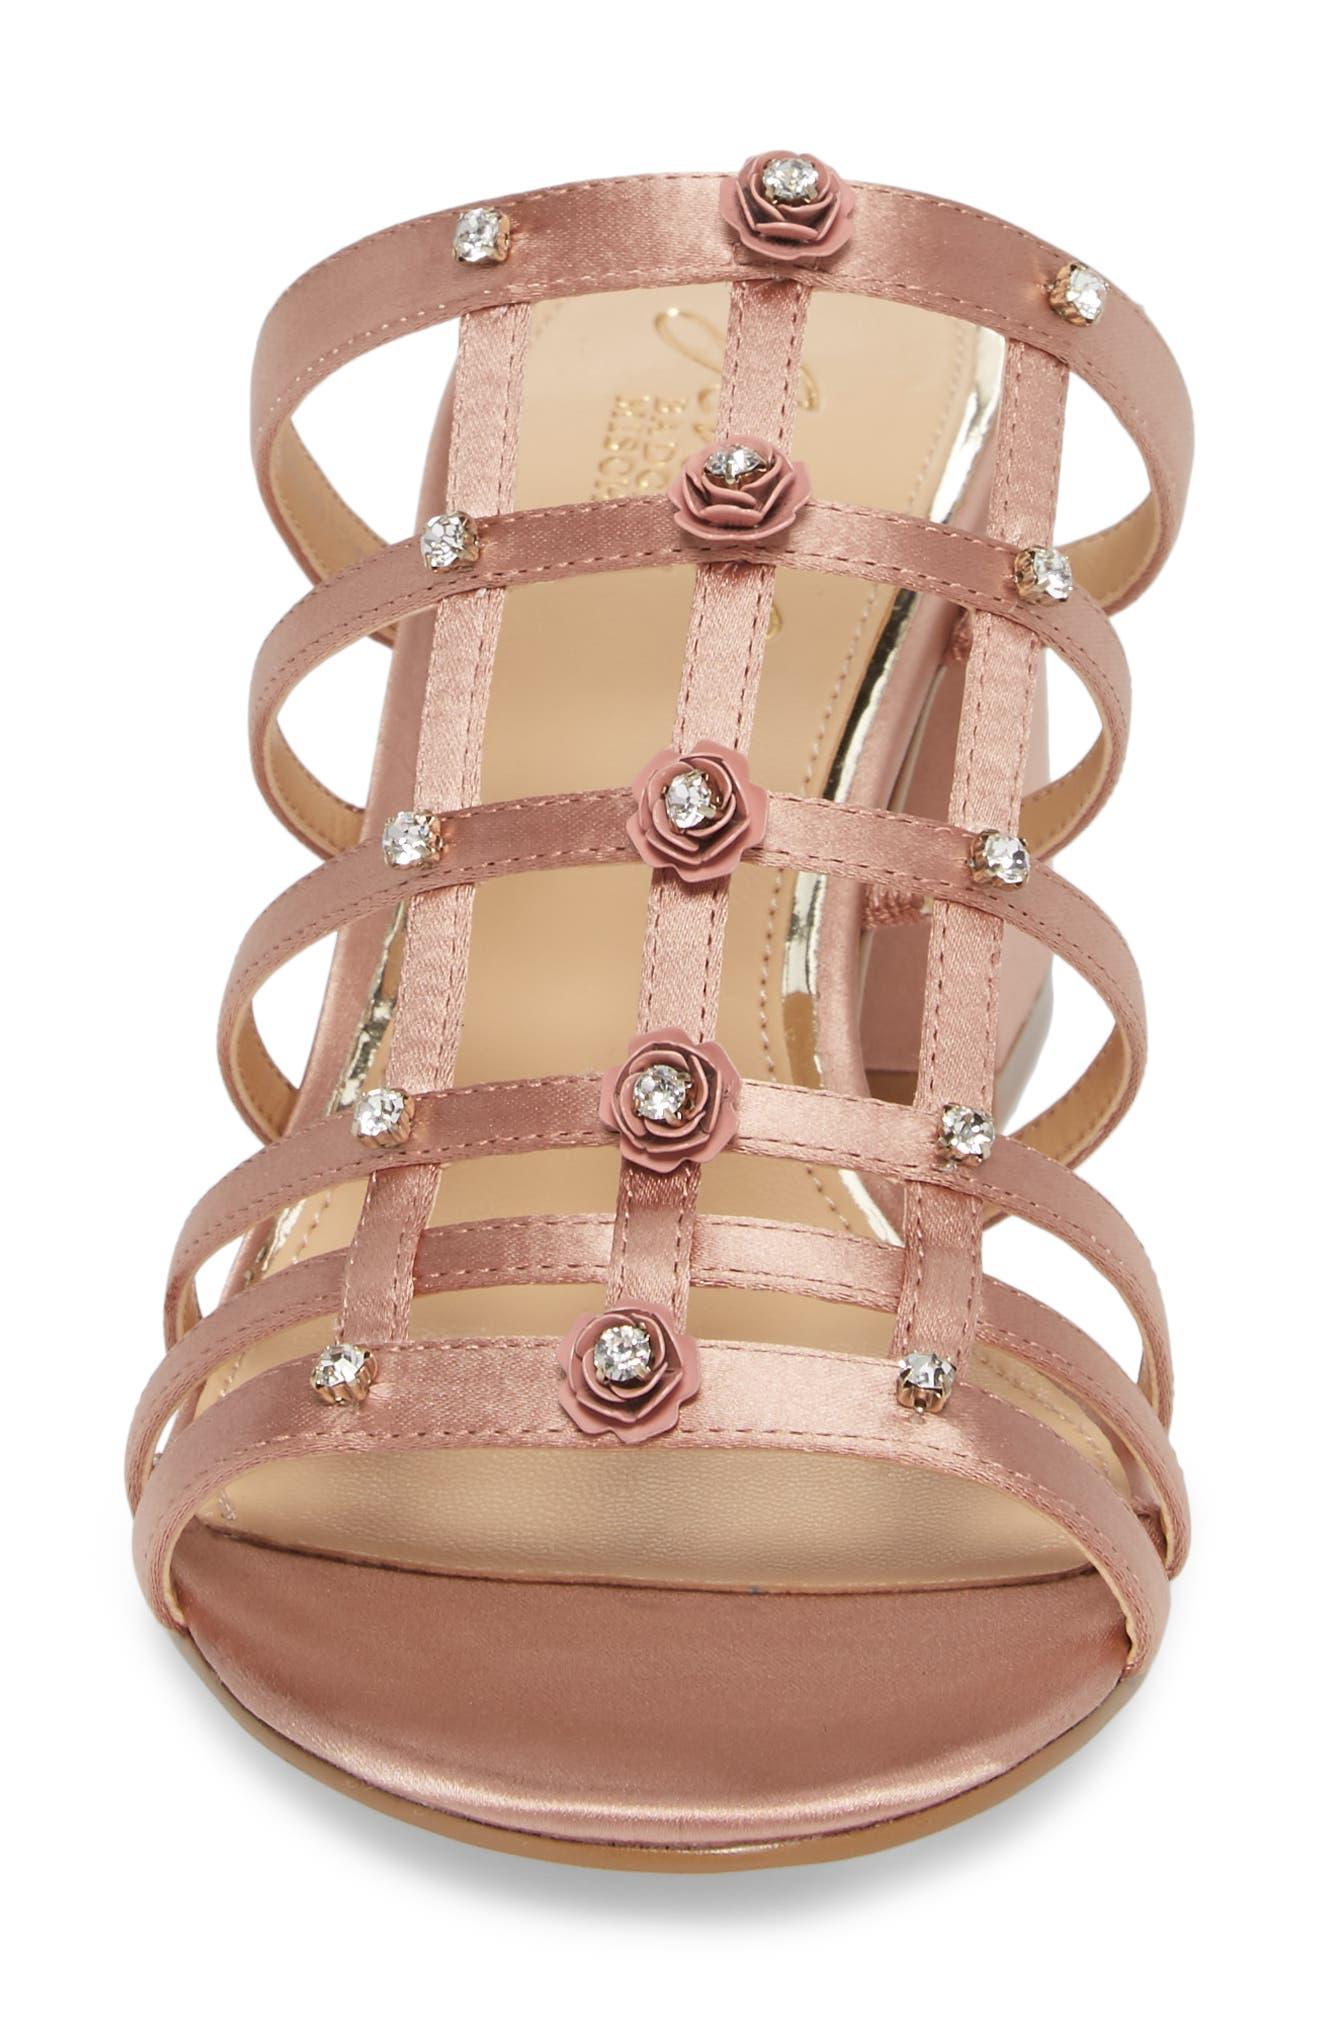 Thorne Crystal Rose Embellished Slide Sandal,                             Alternate thumbnail 4, color,                             Dark Blush Satin